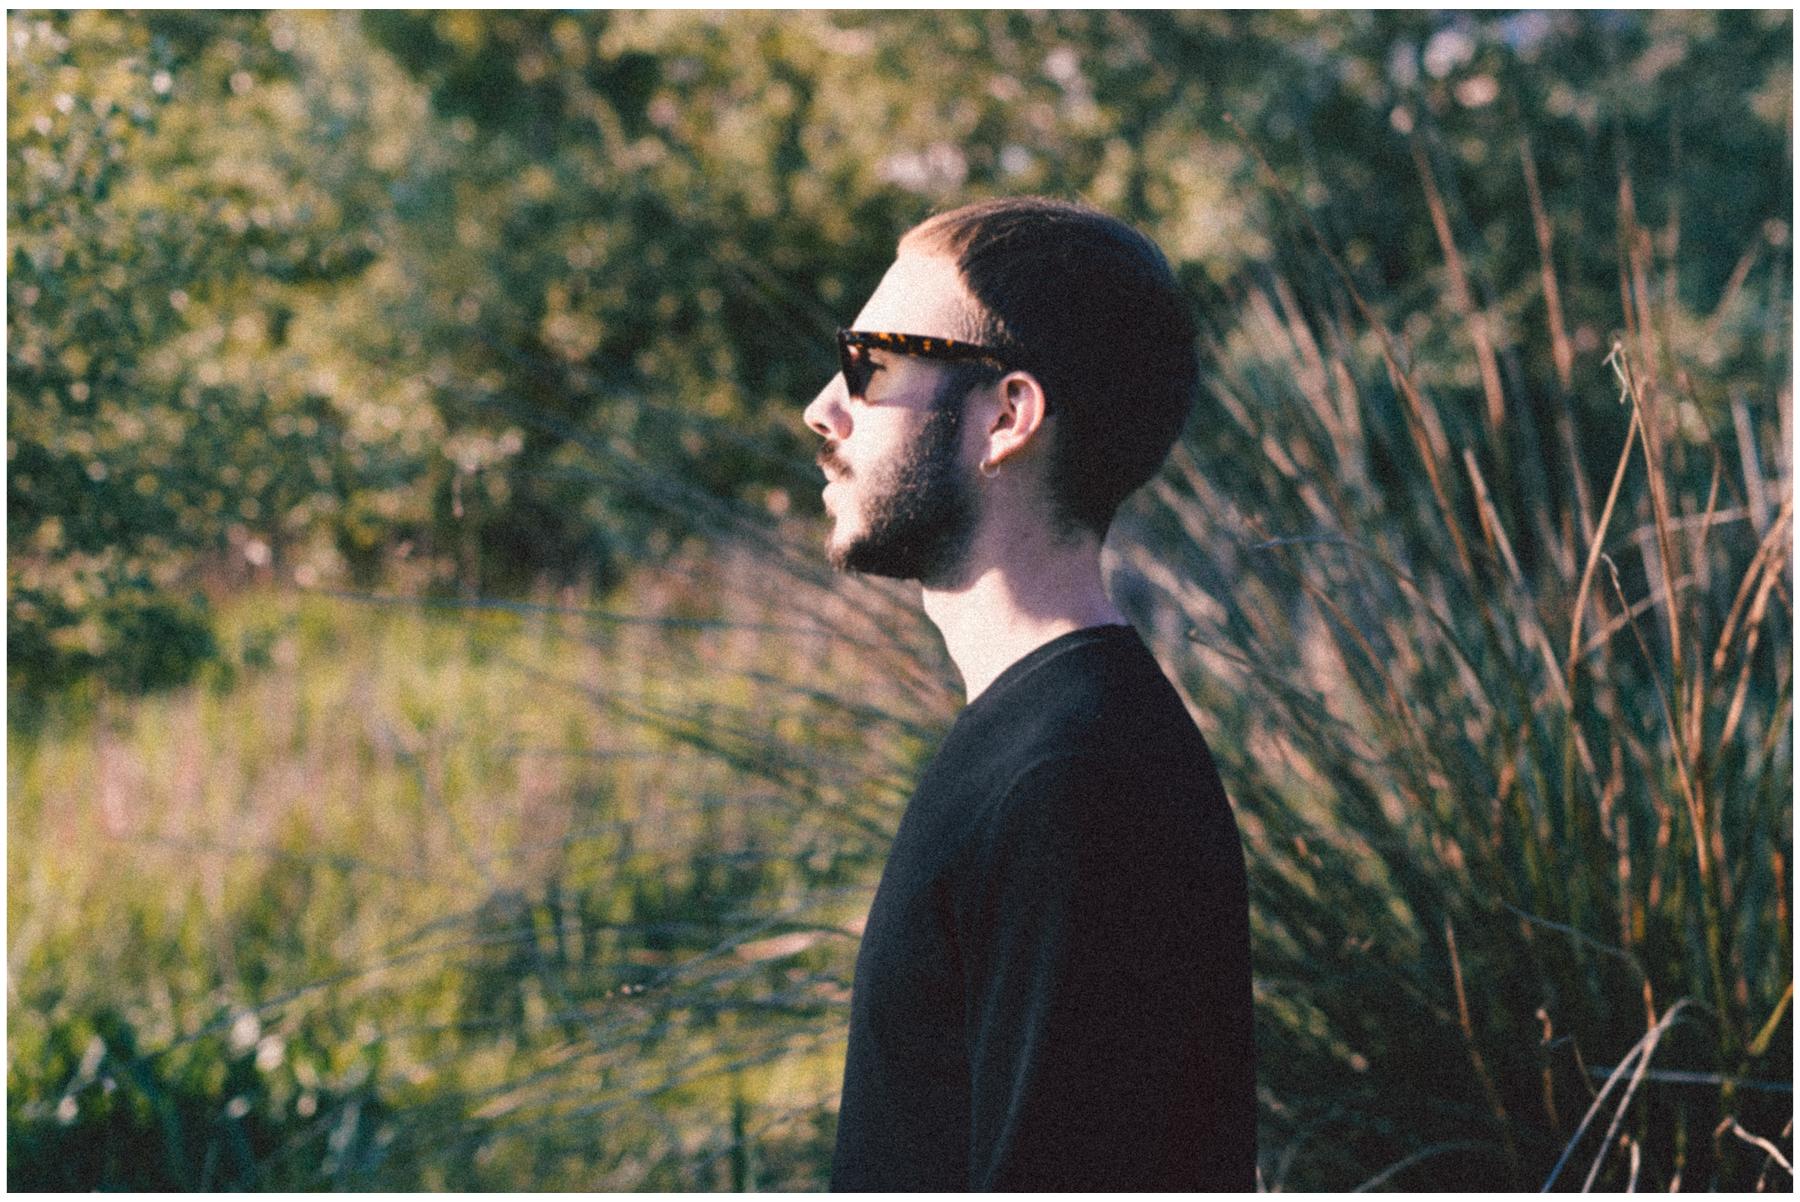 Retrato_Moda_COS_Jose-Angel-Fotografia-124.jpg